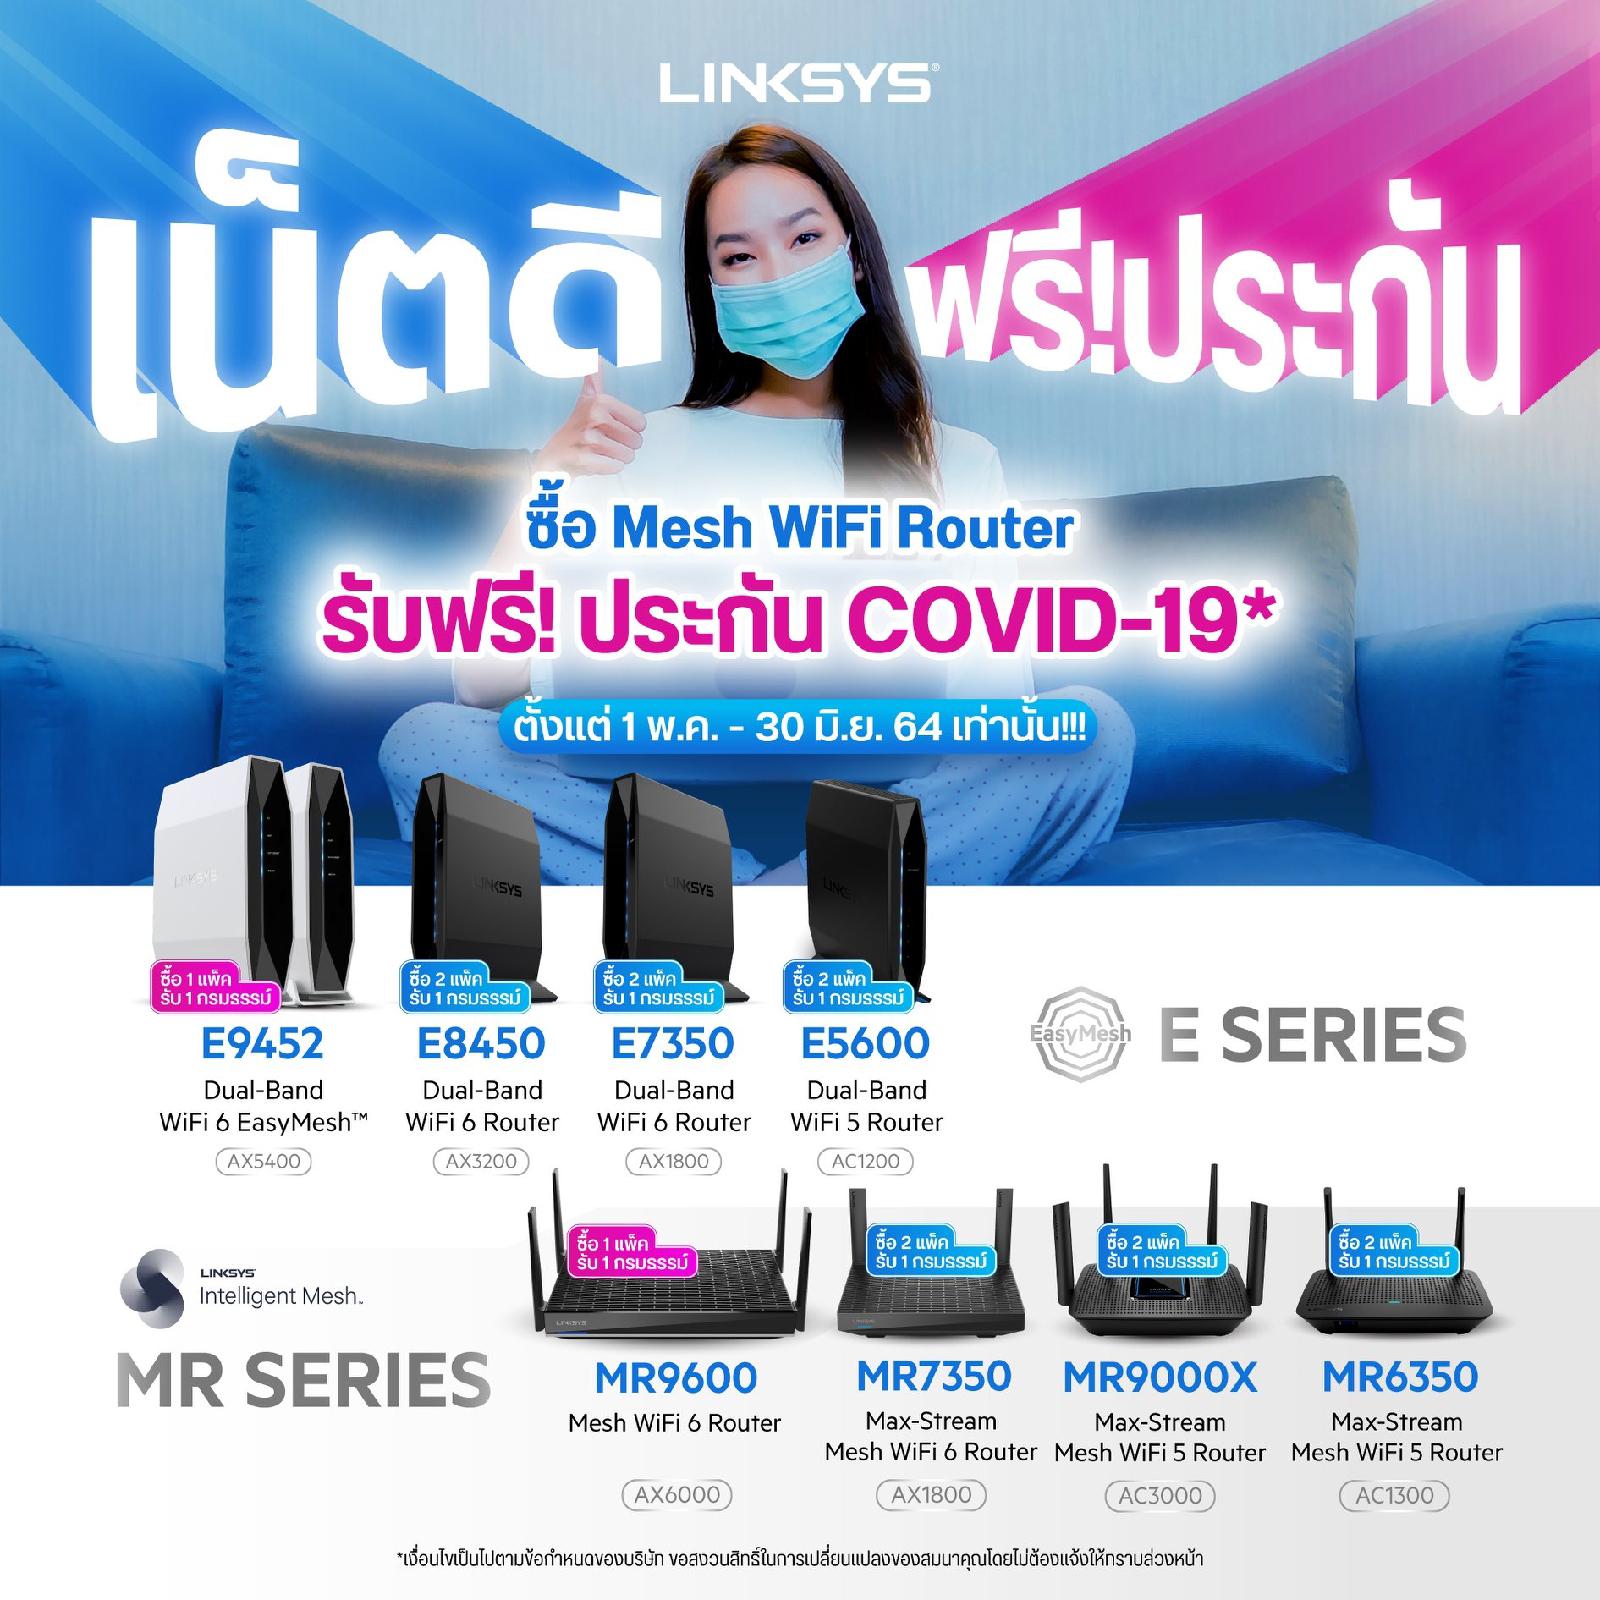 """Linksys ห่วงใยสุขภาพคนไทยในช่วงภาวะโควิด-19 และต้องทำงานแบบ Work Form Home จัดแคมเปญใหญ่ """"เน็ตดี ฟรีประกัน"""" ซื้อเราเตอร์ รับฟรีประกันภัยโควิดคุ้มครอง 1 ปี"""